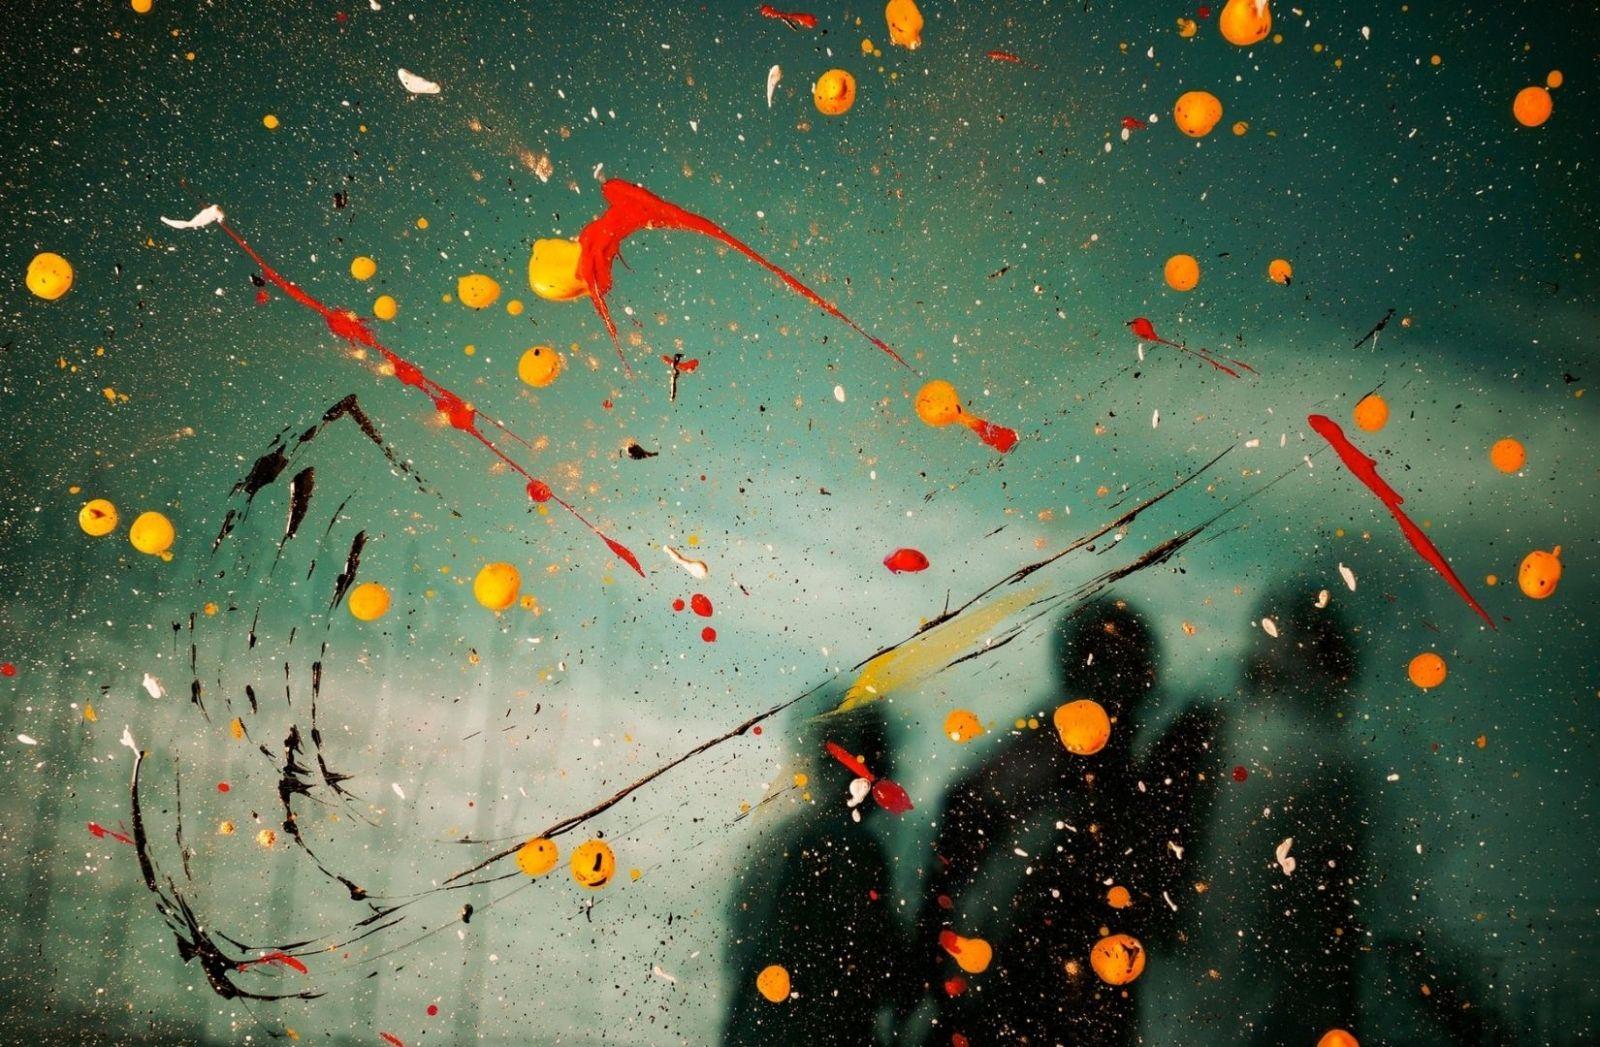 Traumhaft wie eine Komposition. (Foto: Jr Korpa, Unsplash.com)